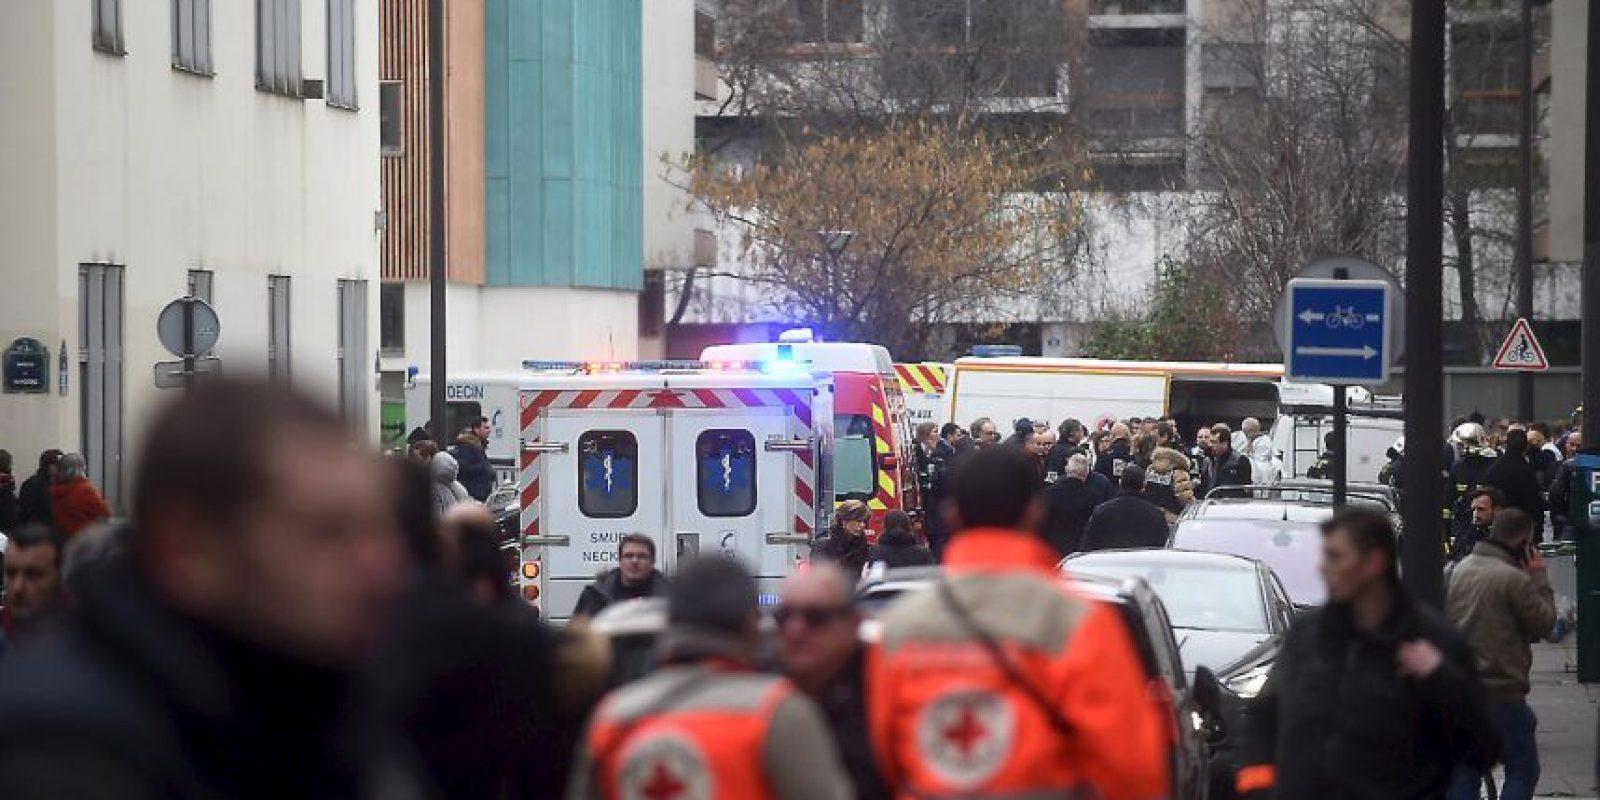 Los atentados terroristas perpetrados por miembros de ISIS en Francia conmocionaron al mundo. Foto:Getty